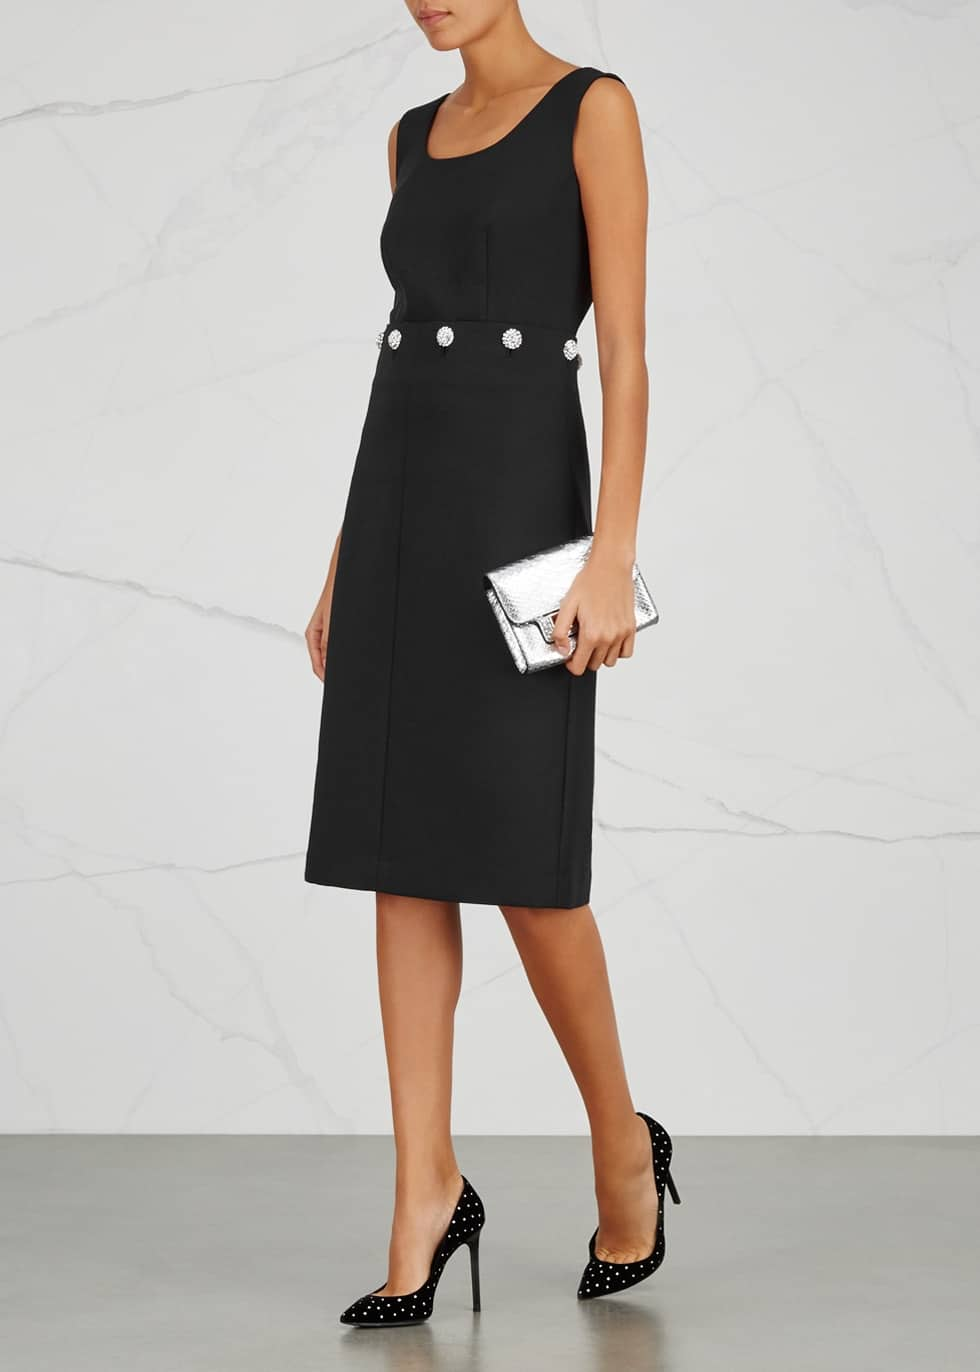 TORY BURCH Fremont Crystal Embellished Black Dress